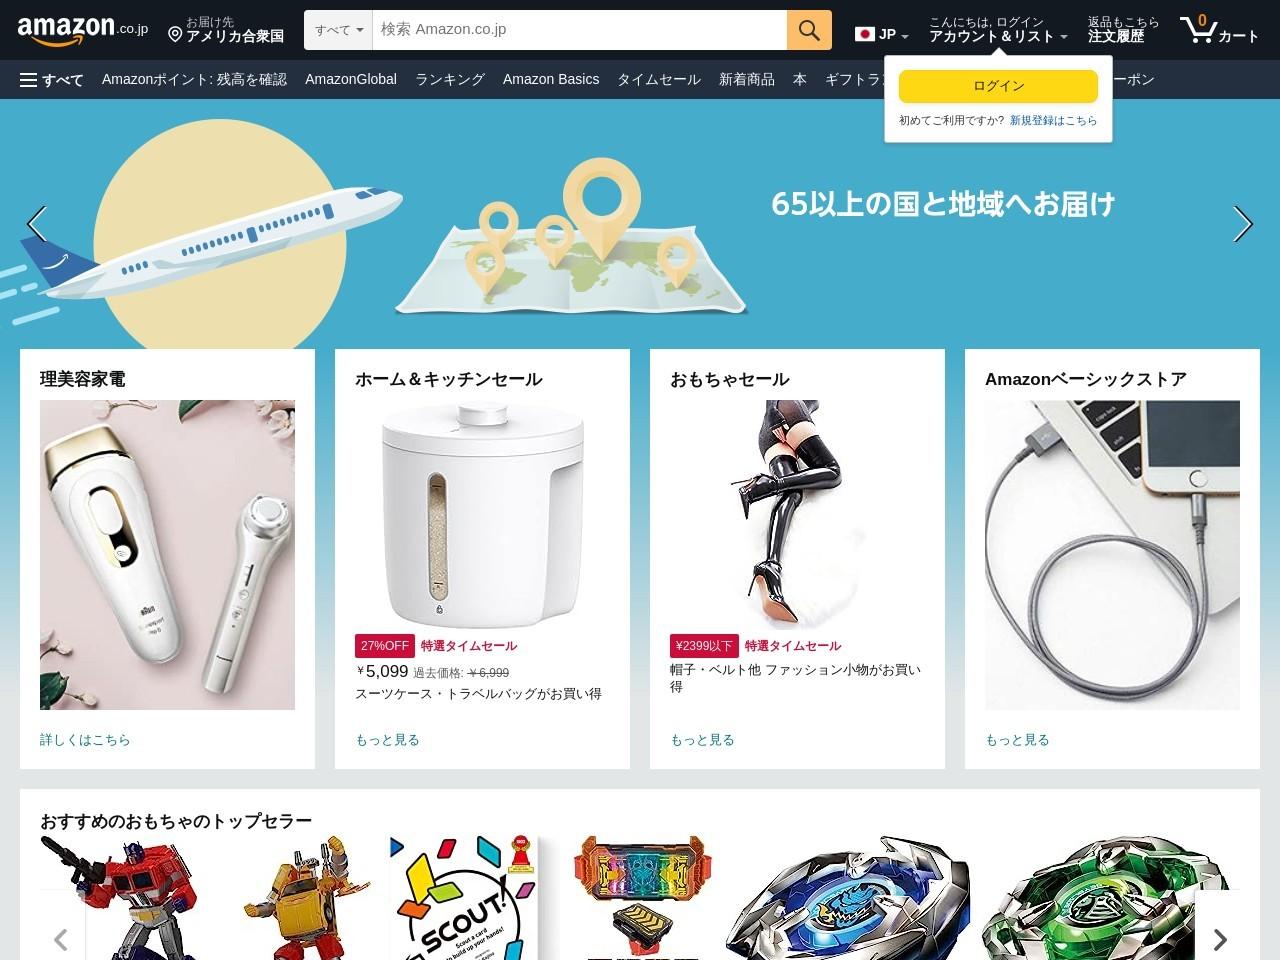 図解入門 よくわかる 最新 発電・送電の基本と仕組み 第3版 | 木舟 辰平 |本 | 通販 | Amazon